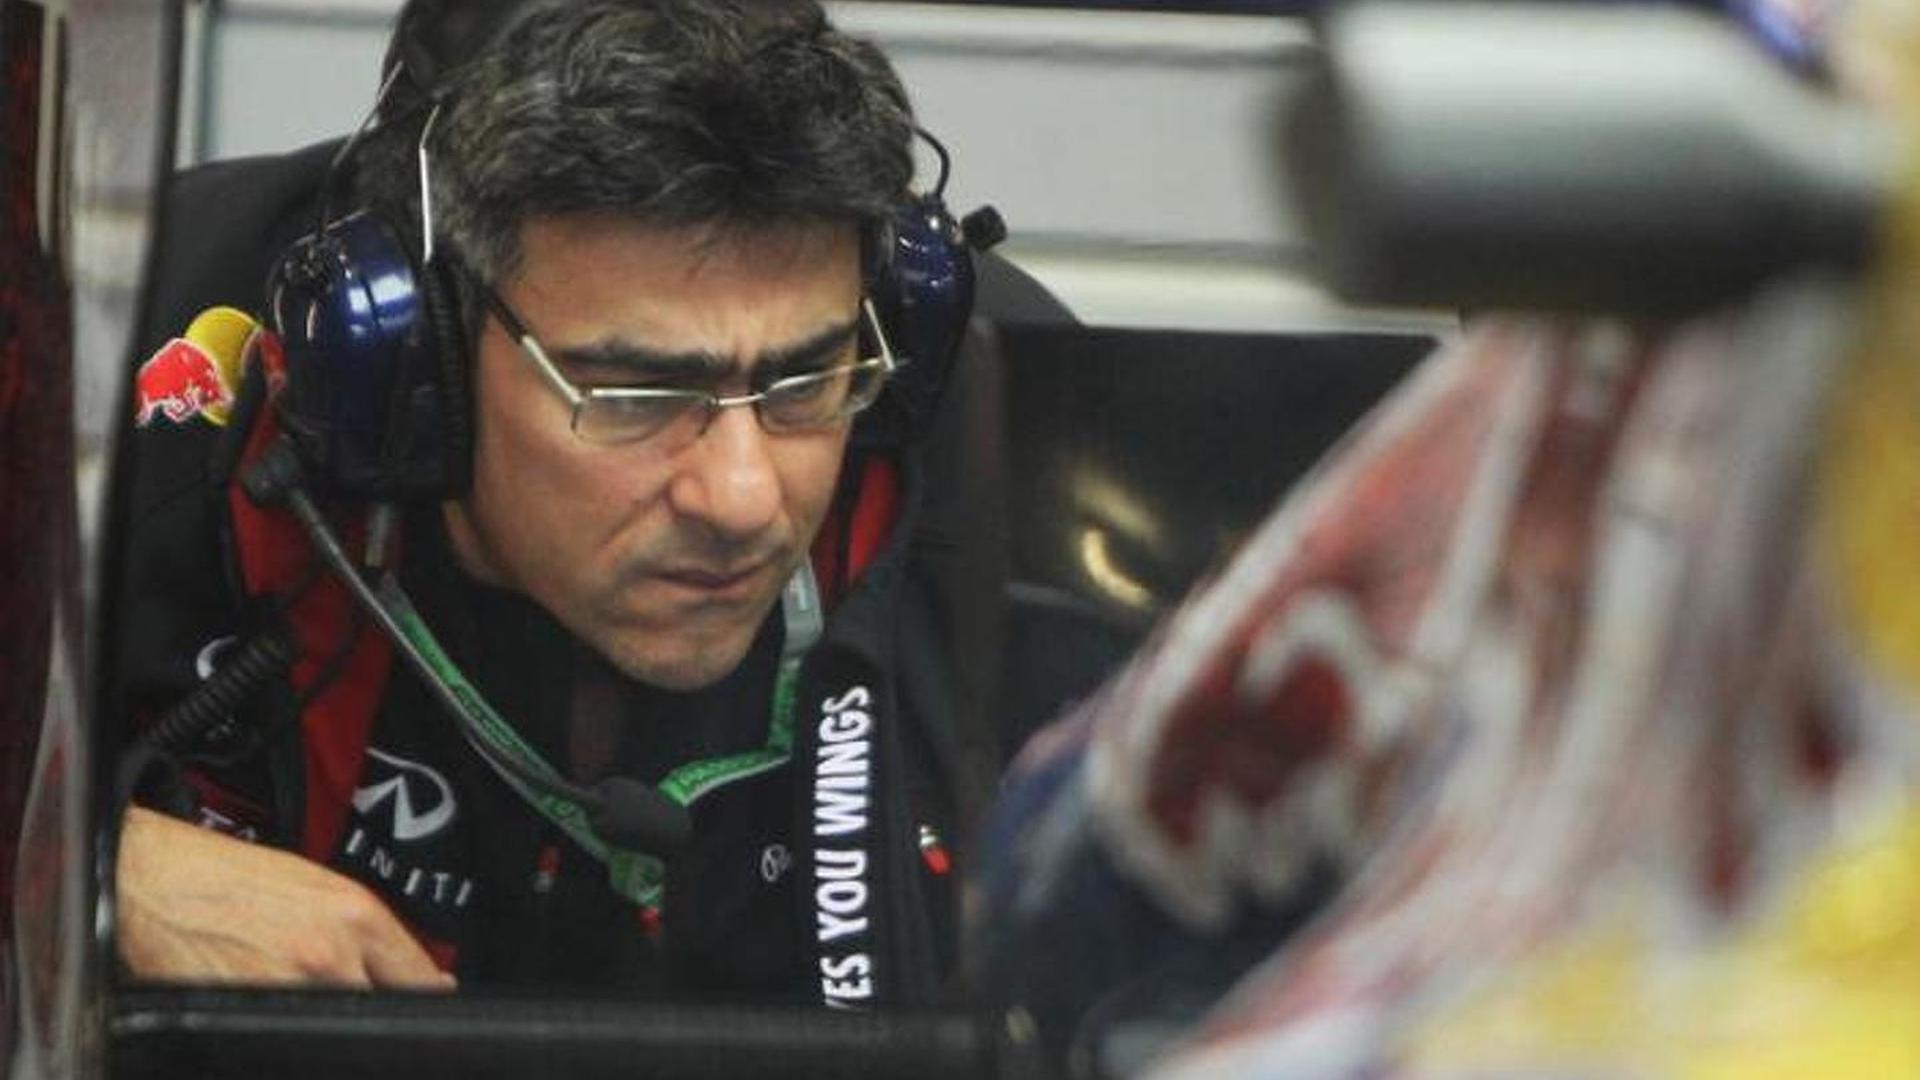 Prodromou to start at McLaren in September